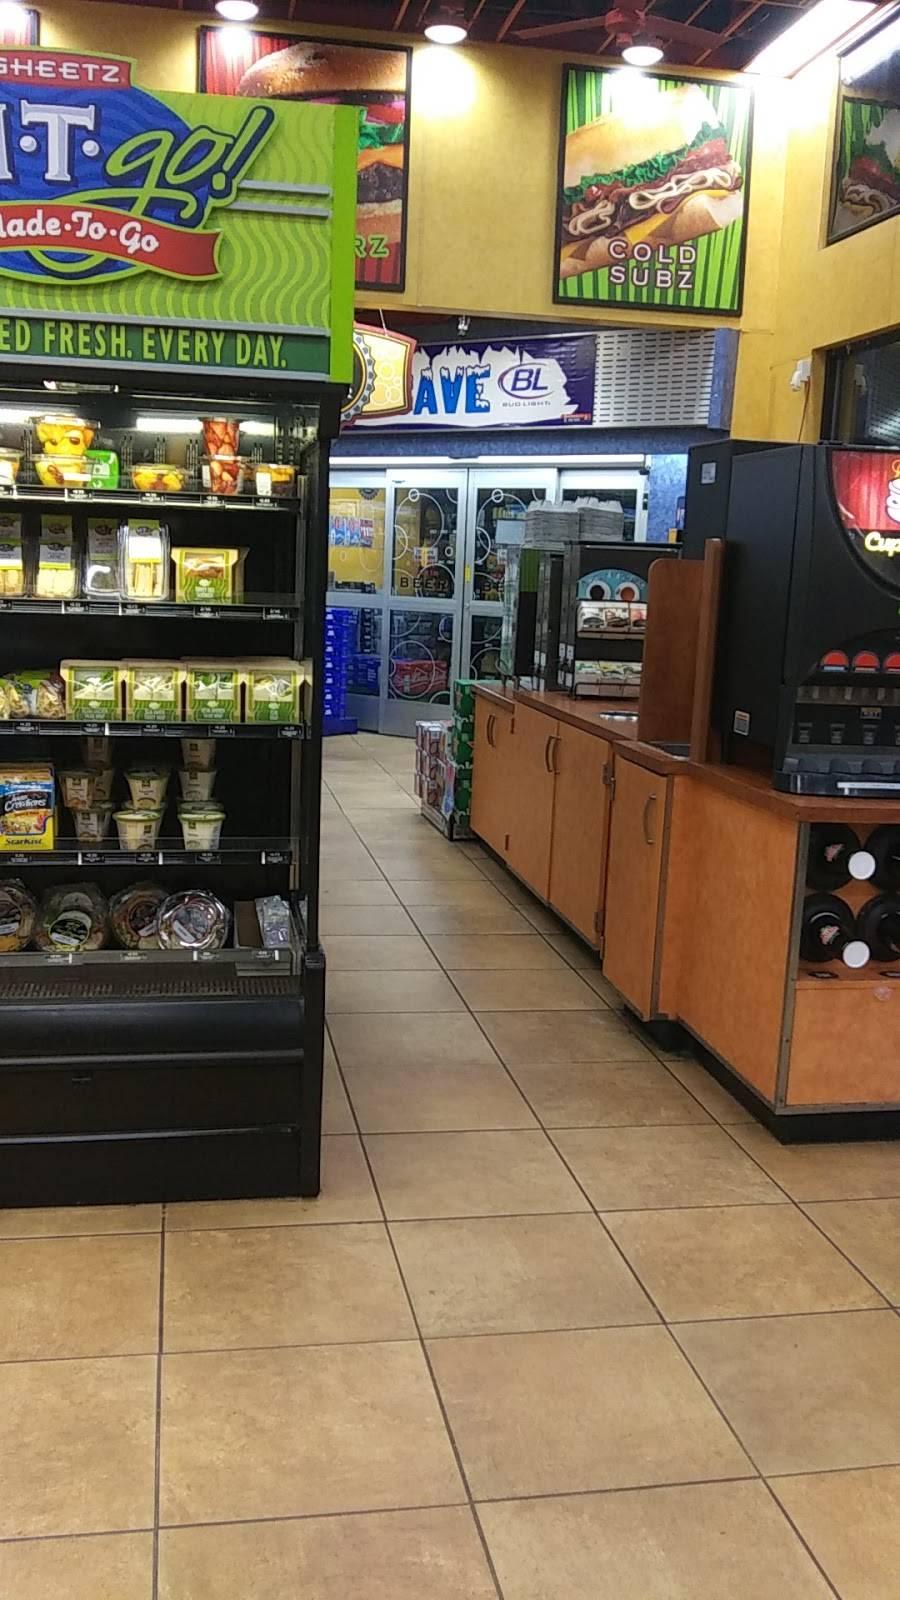 Sheetz #355 - gas station  | Photo 6 of 9 | Address: 5198 Reidsville Rd, Walkertown, NC 27051, USA | Phone: (336) 595-1126